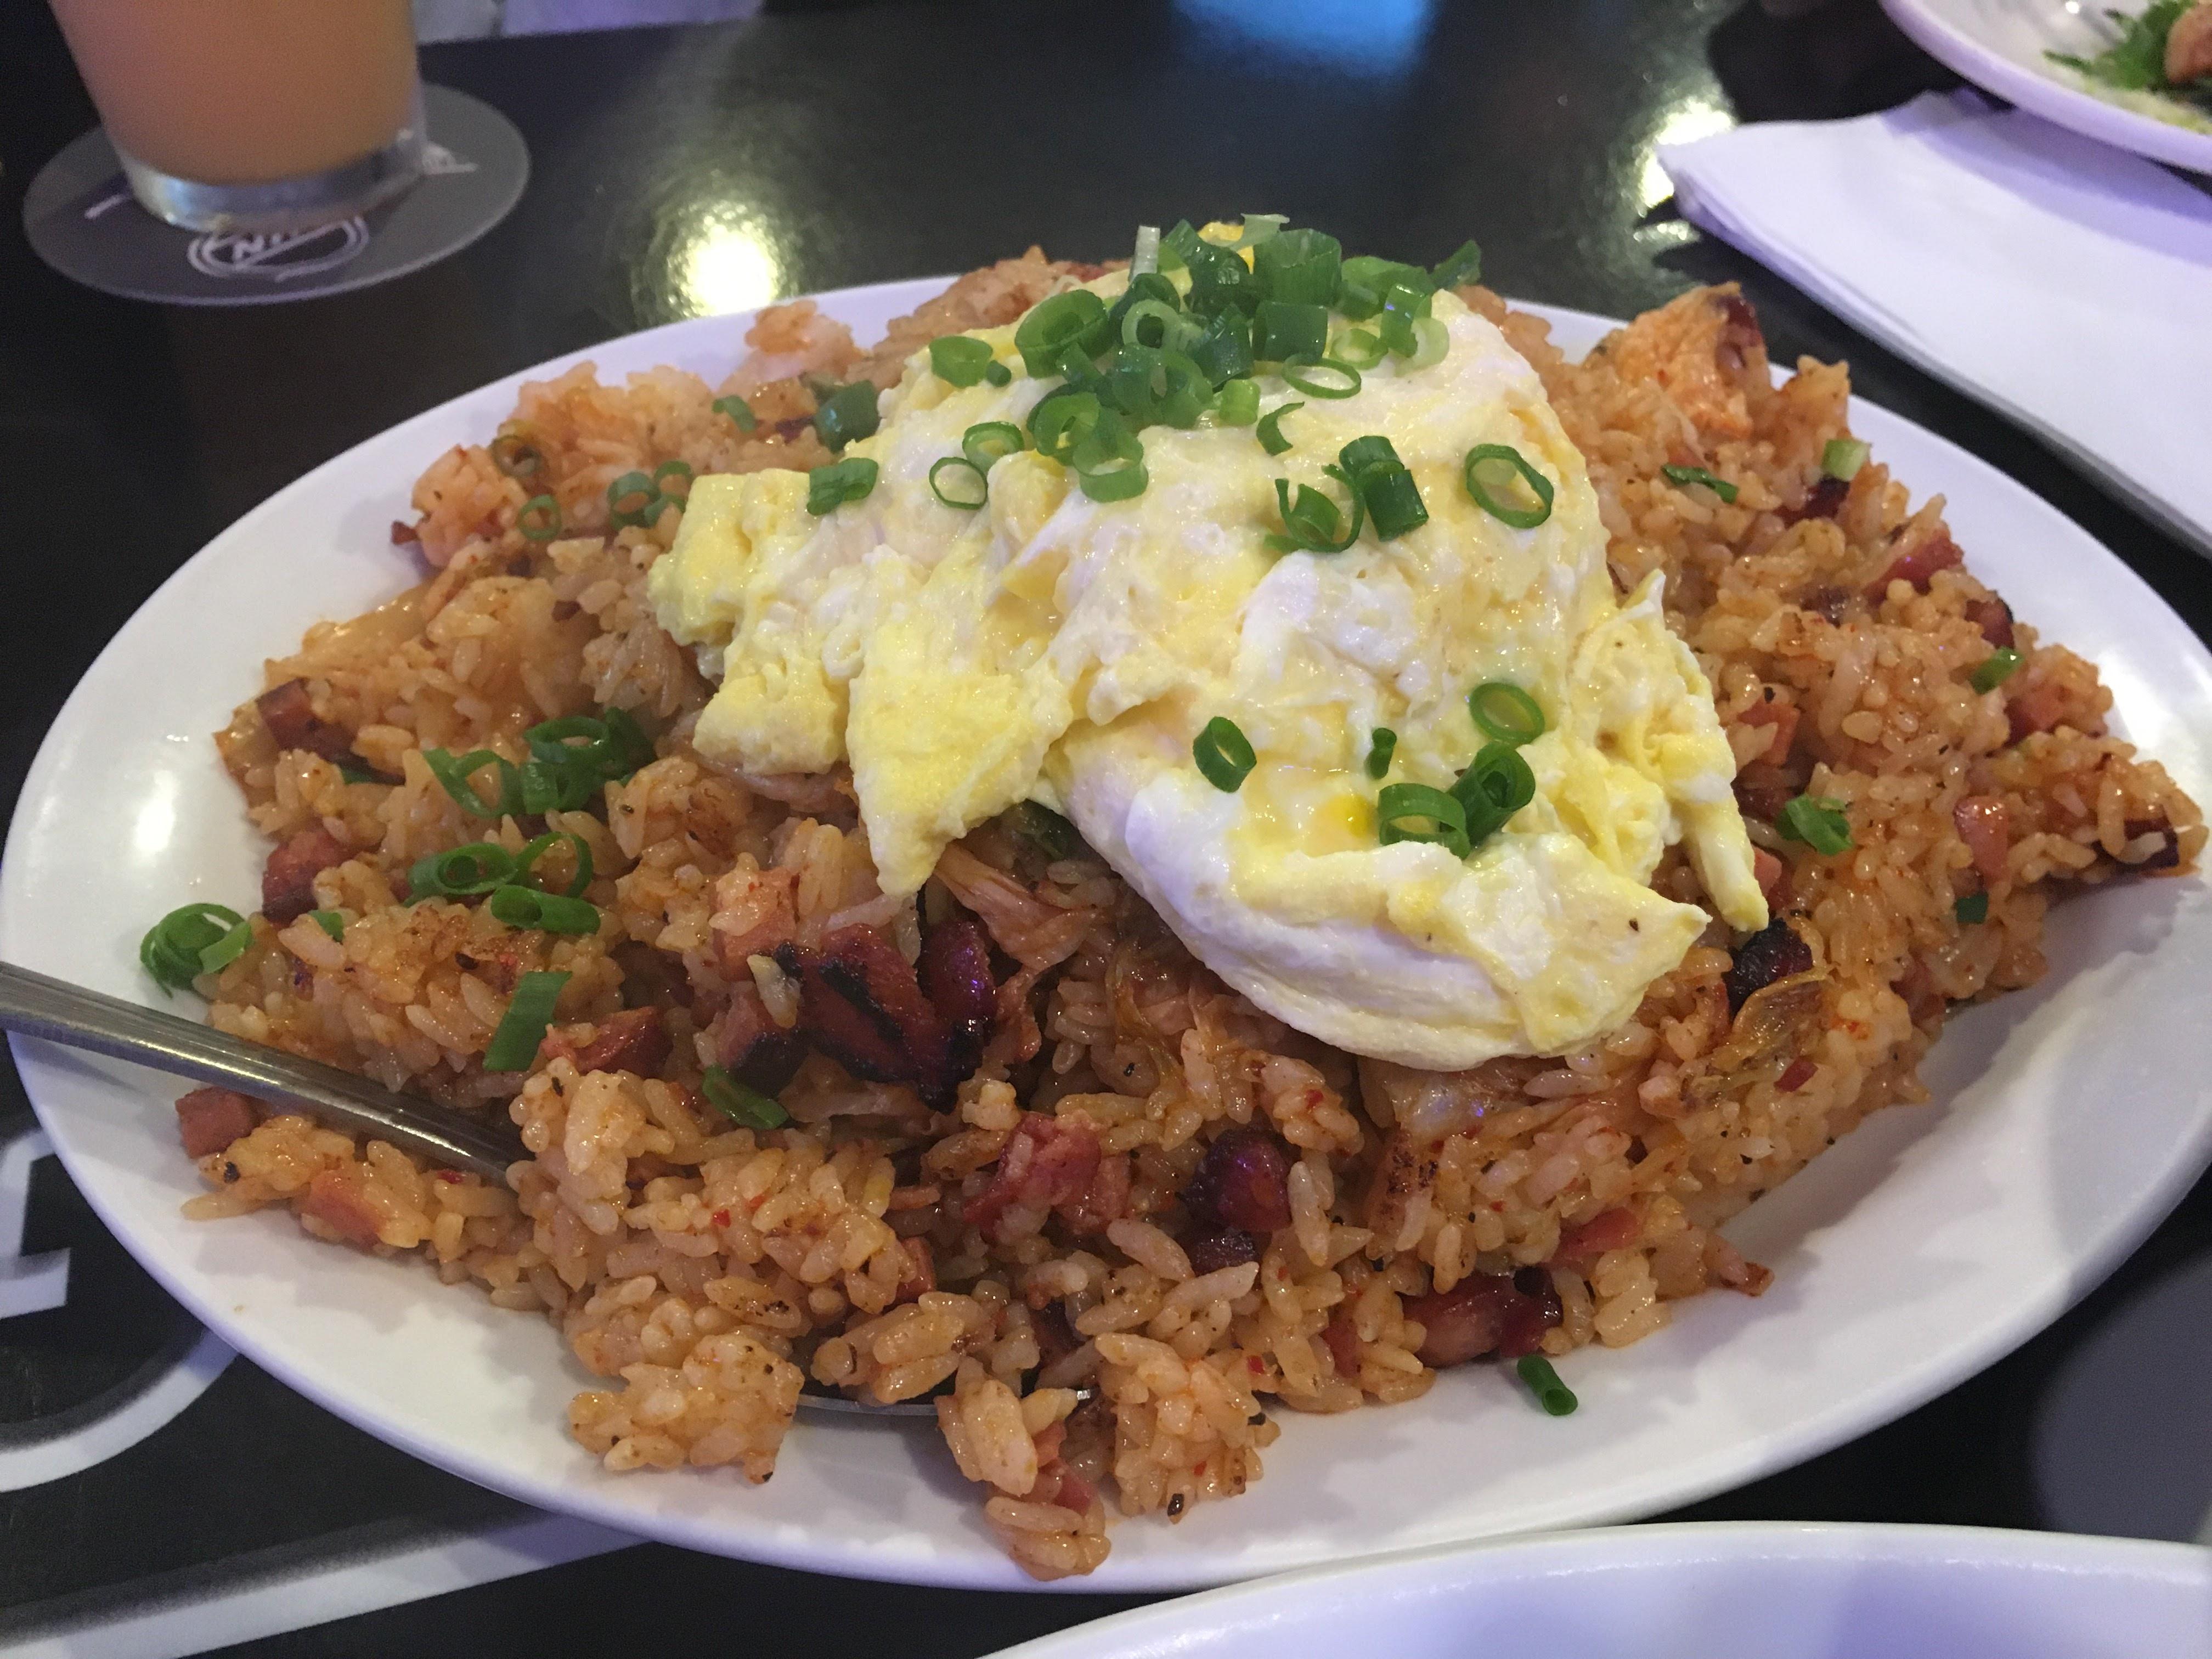 Home Bar & Grill、ホノルルでロコに大人気の「男が喜ぶ隠れ家的スポーツバー」、料理の量と味の濃さと爆音が凄すぎなお店!